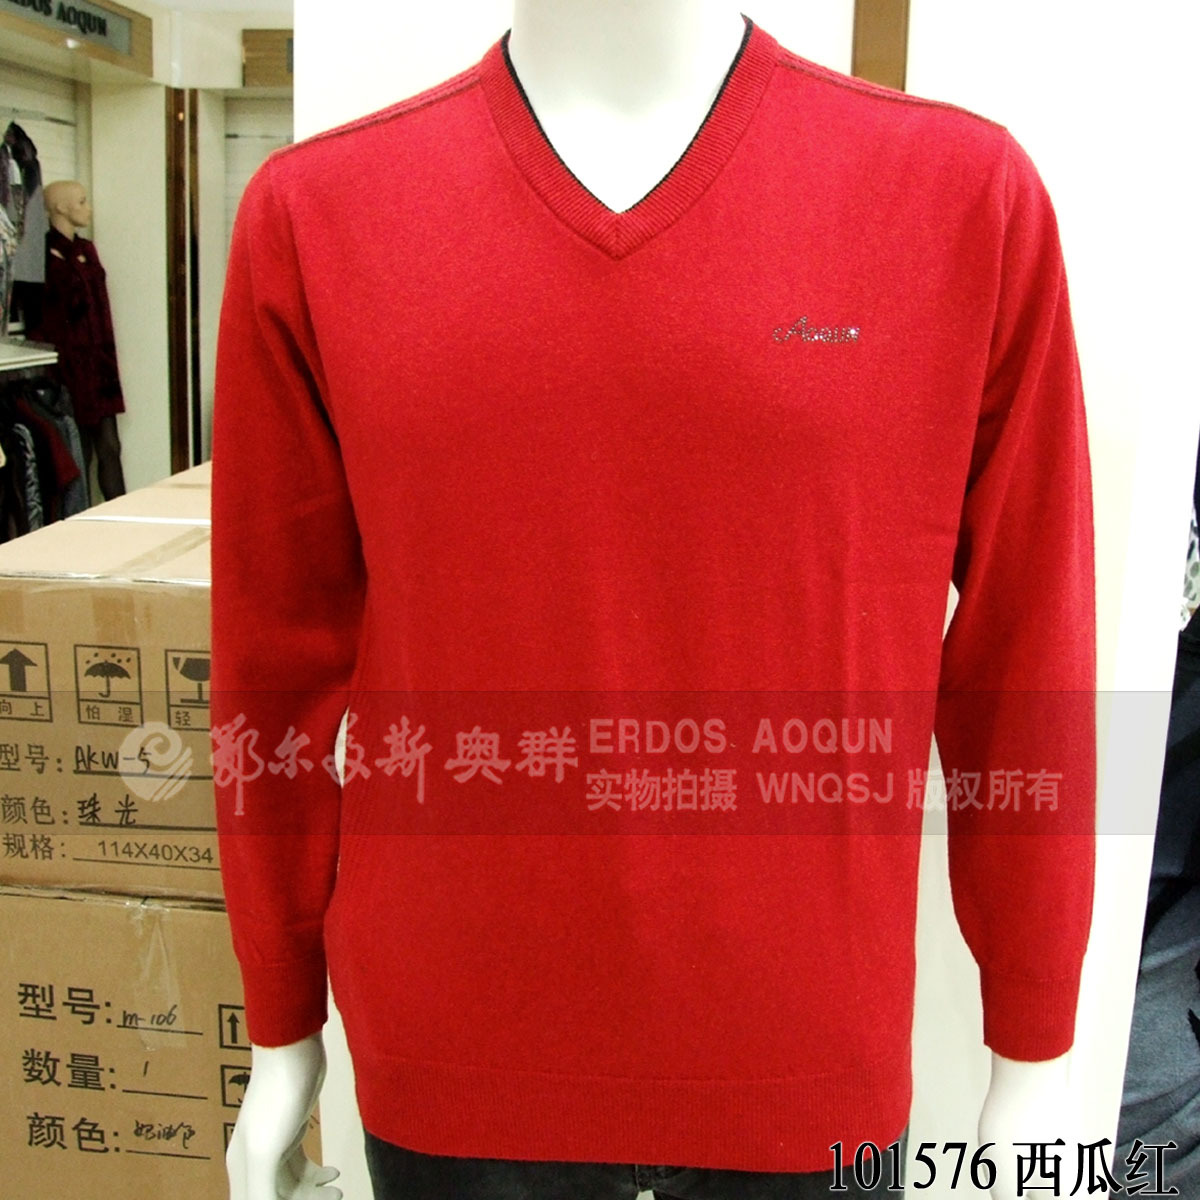 瓜红_超值价 正品 鄂尔多斯奥群101576瓜红 男士v领含羊绒羊毛衫 毛衣